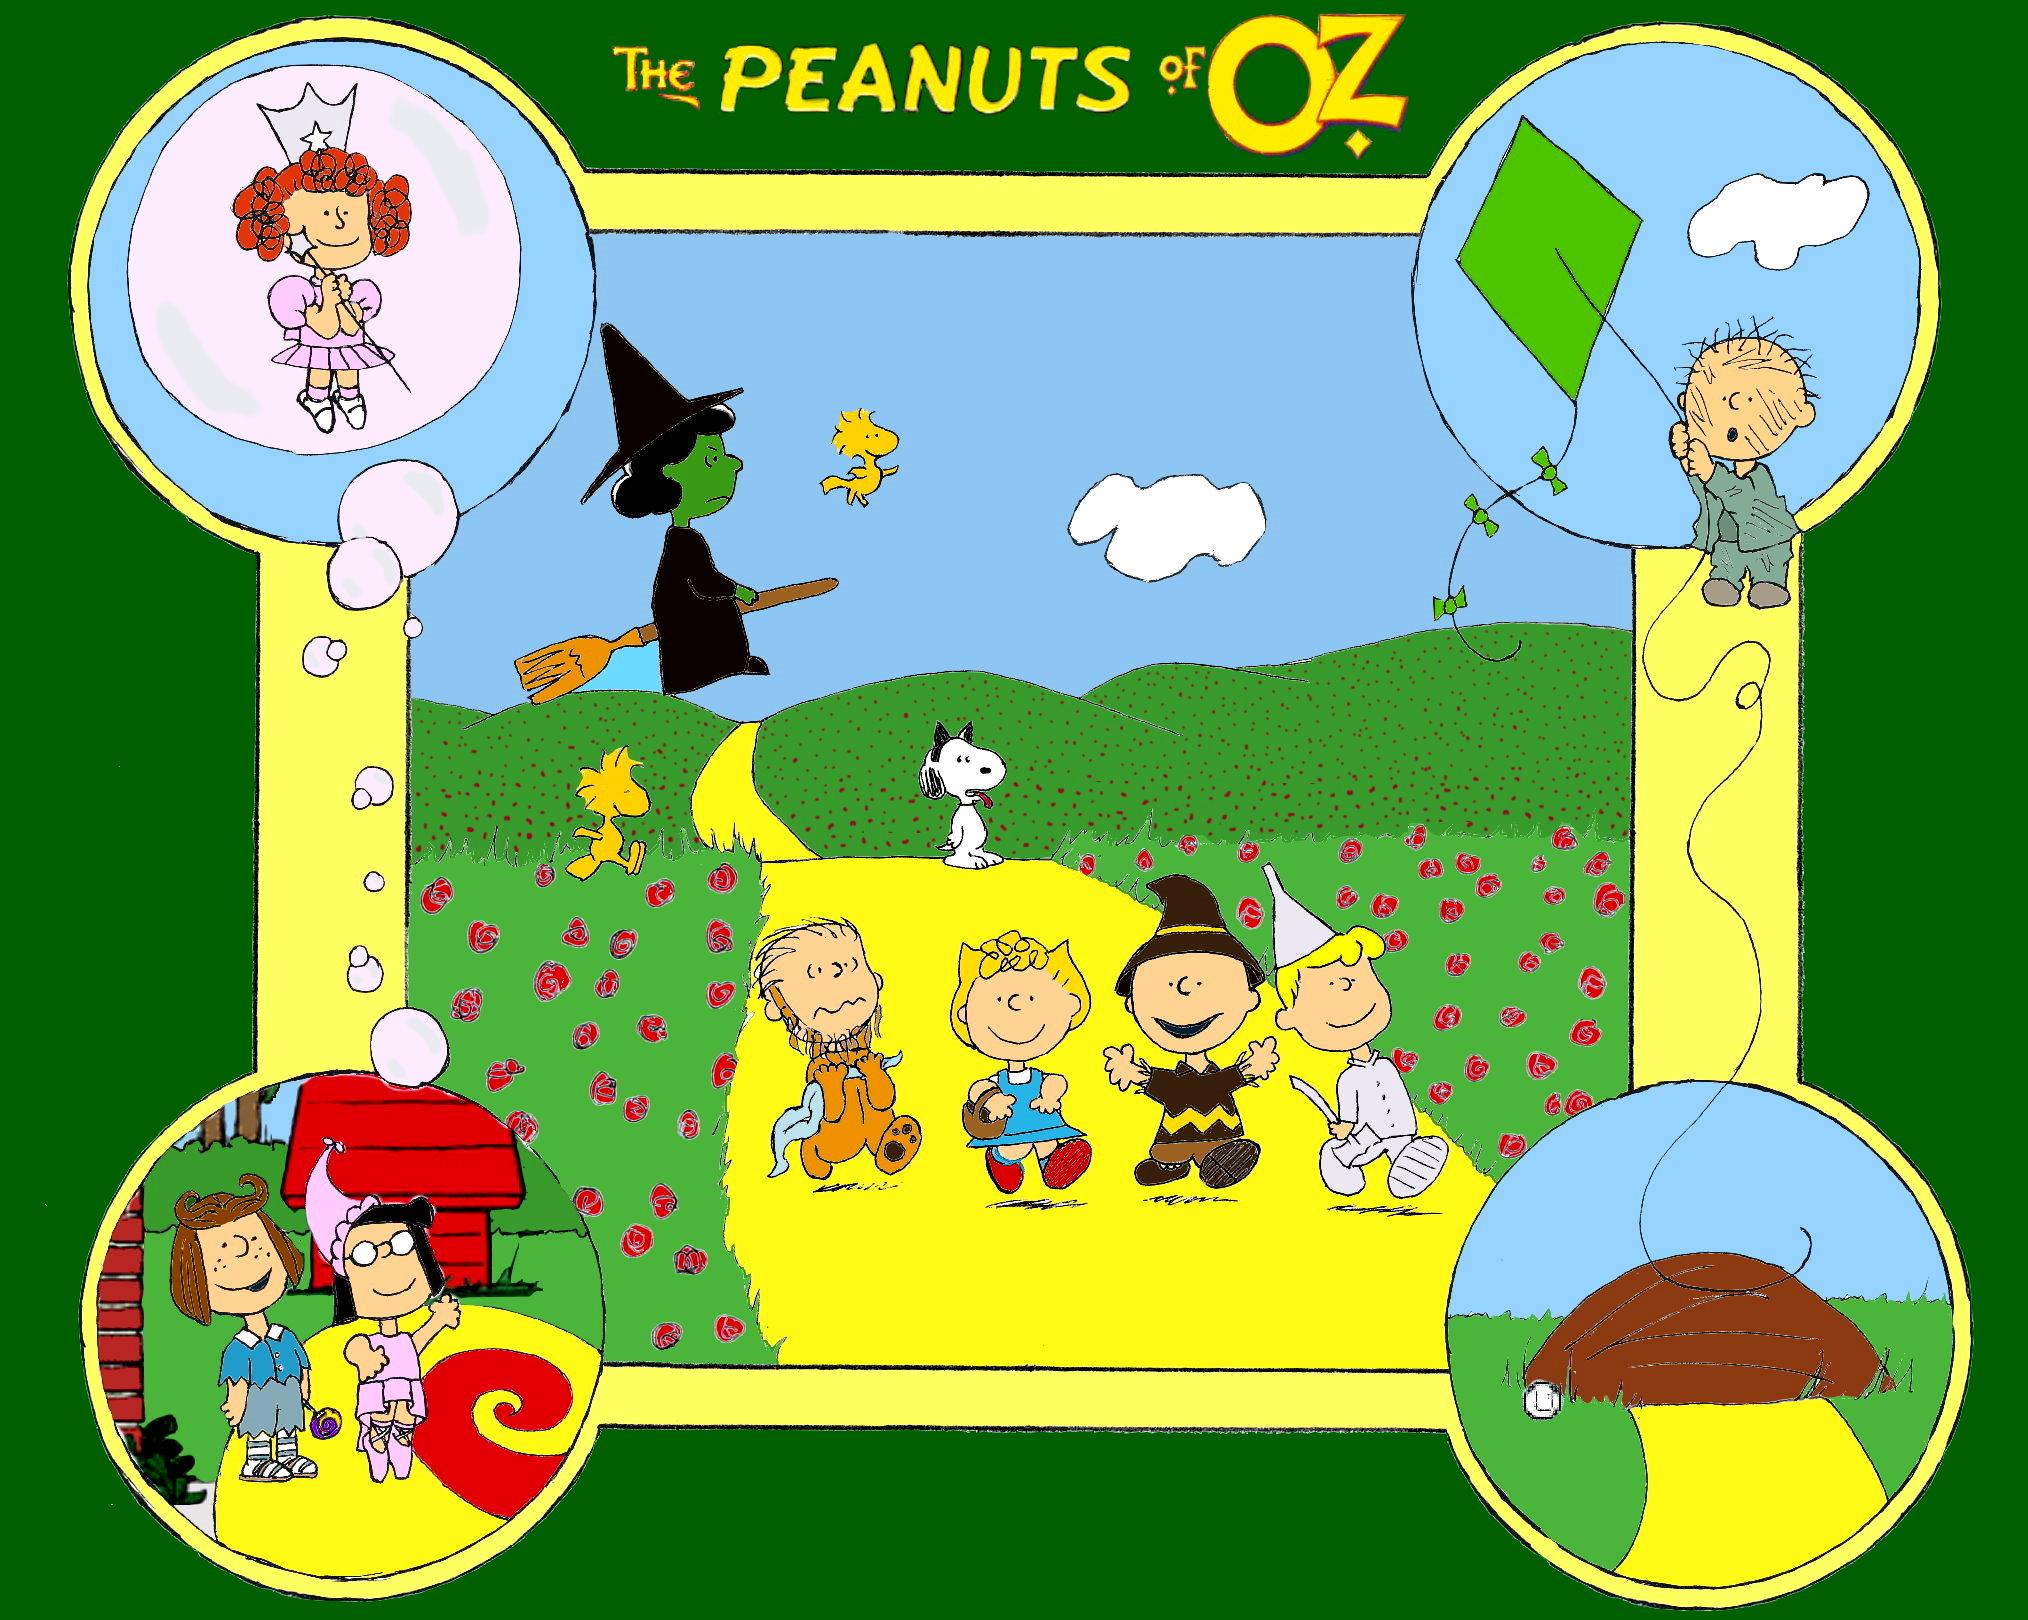 Peanuts_of_Oz_by_Firalcar.jpg